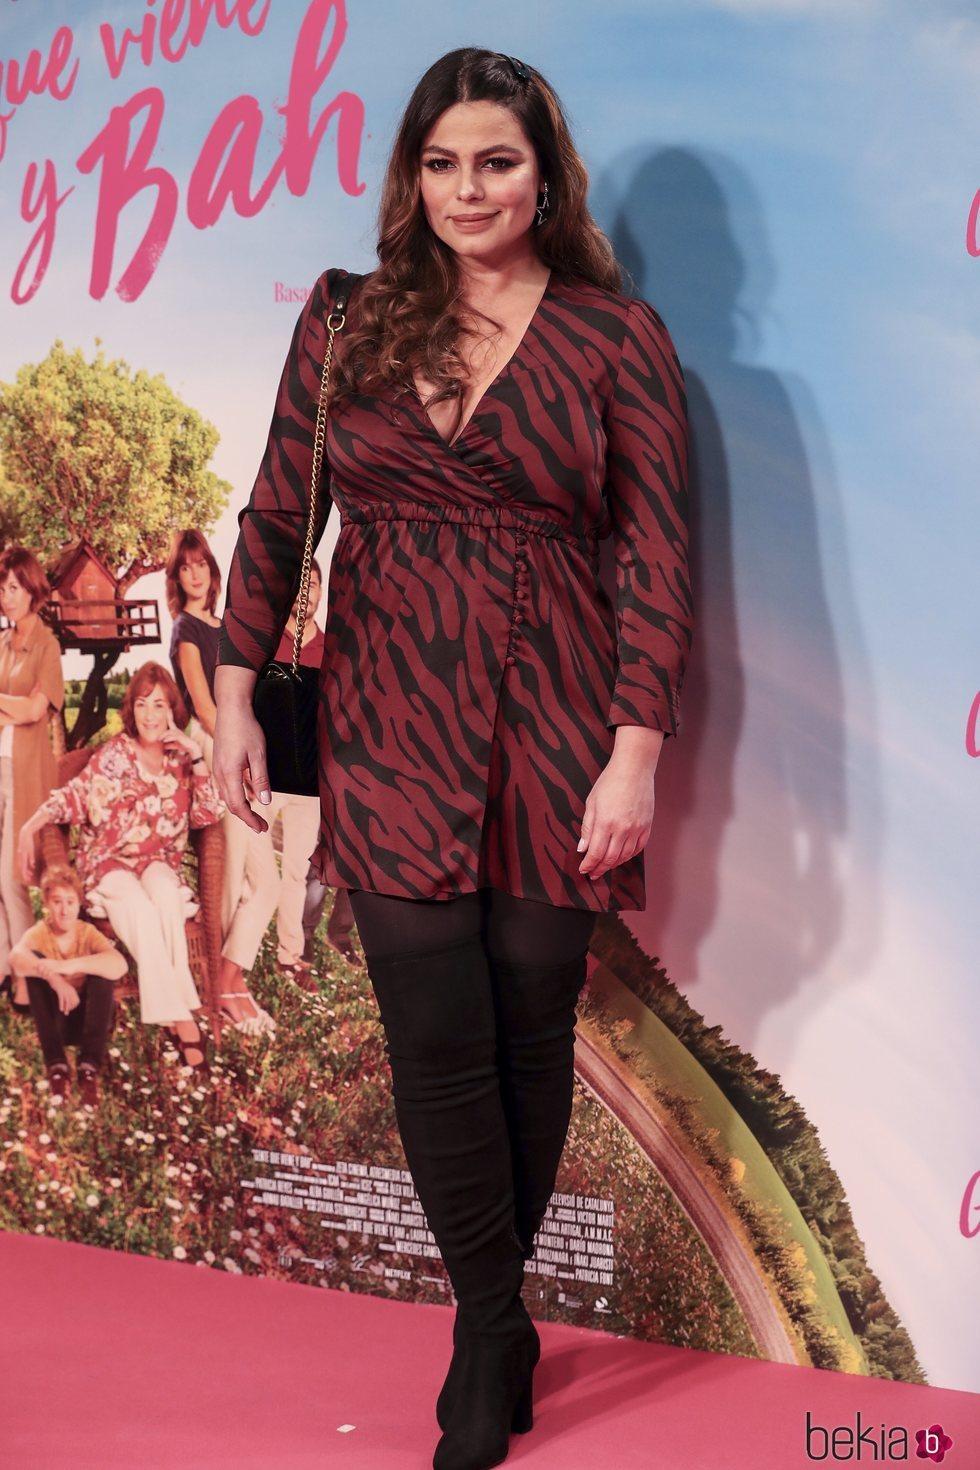 Marisa Jara en el estreno de 'Gente que viene y bah'